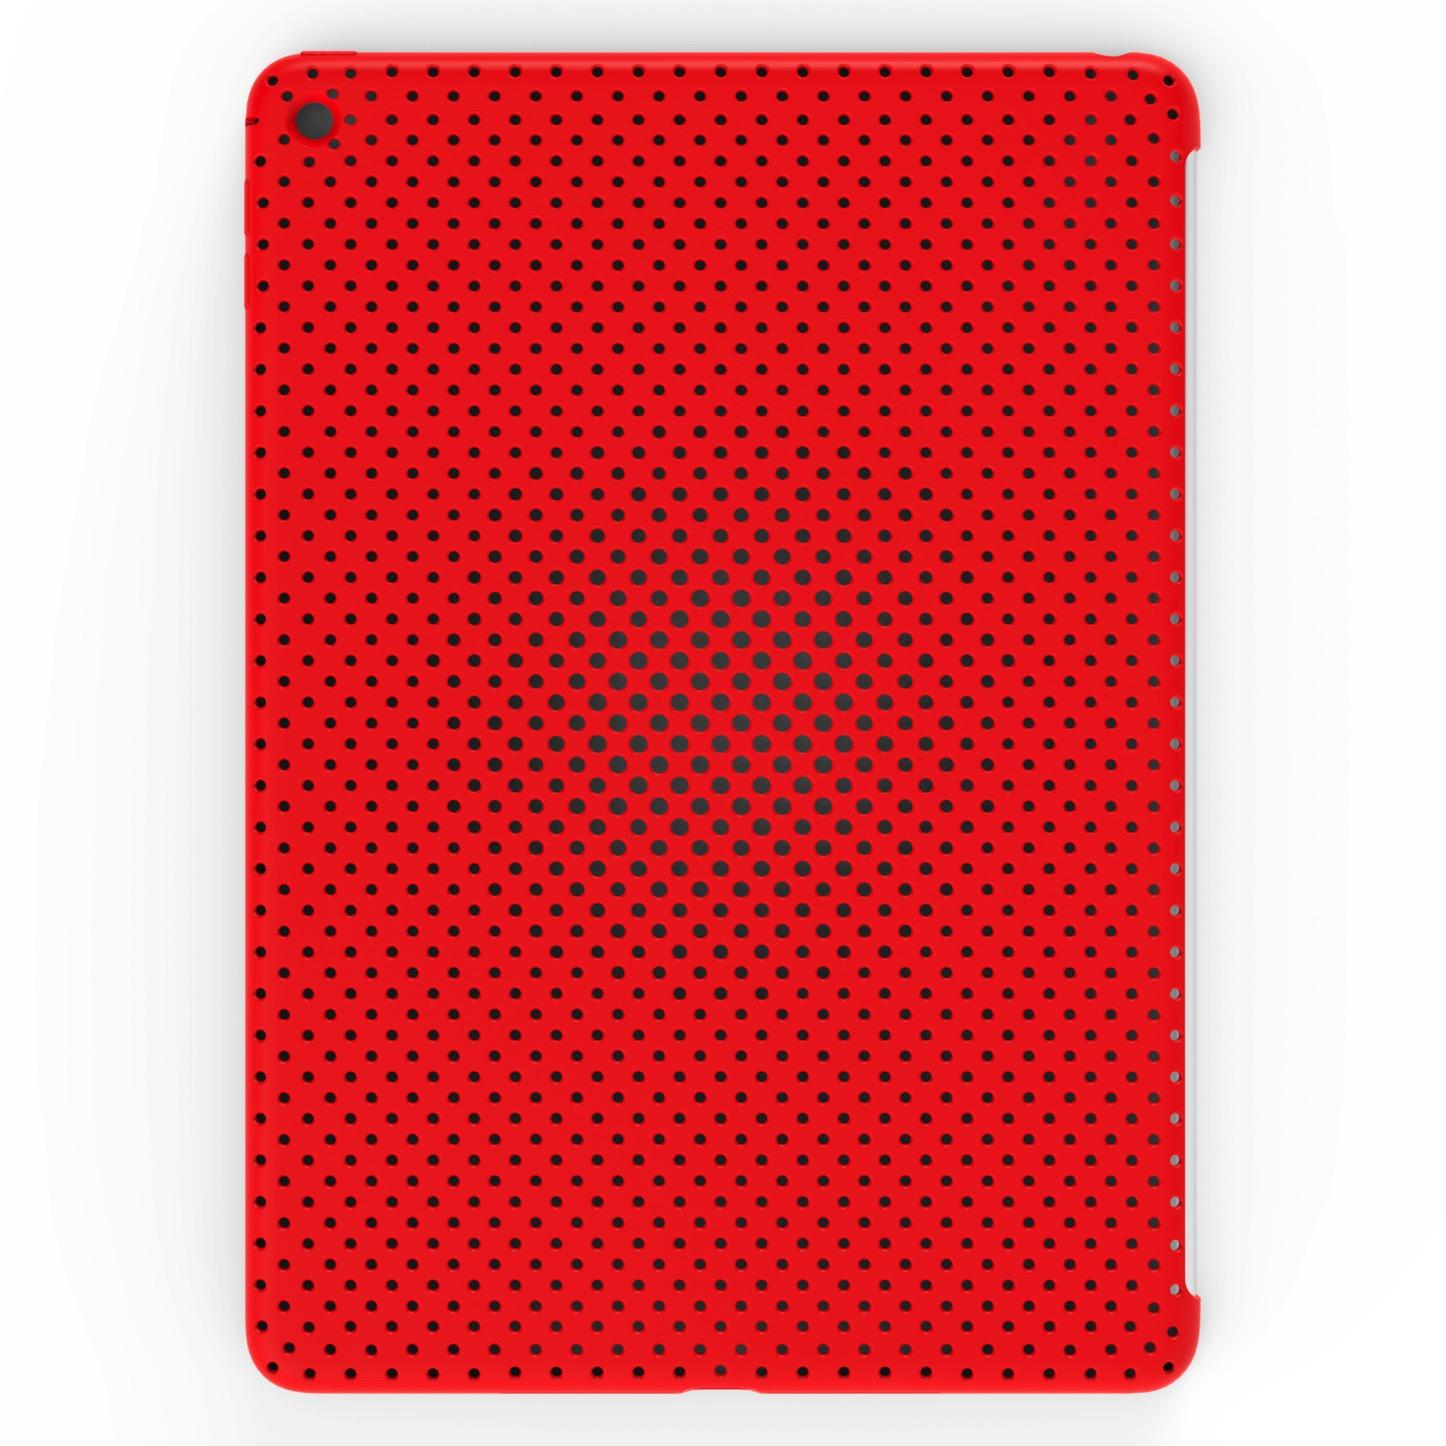 AndMesh iPadAir2 case